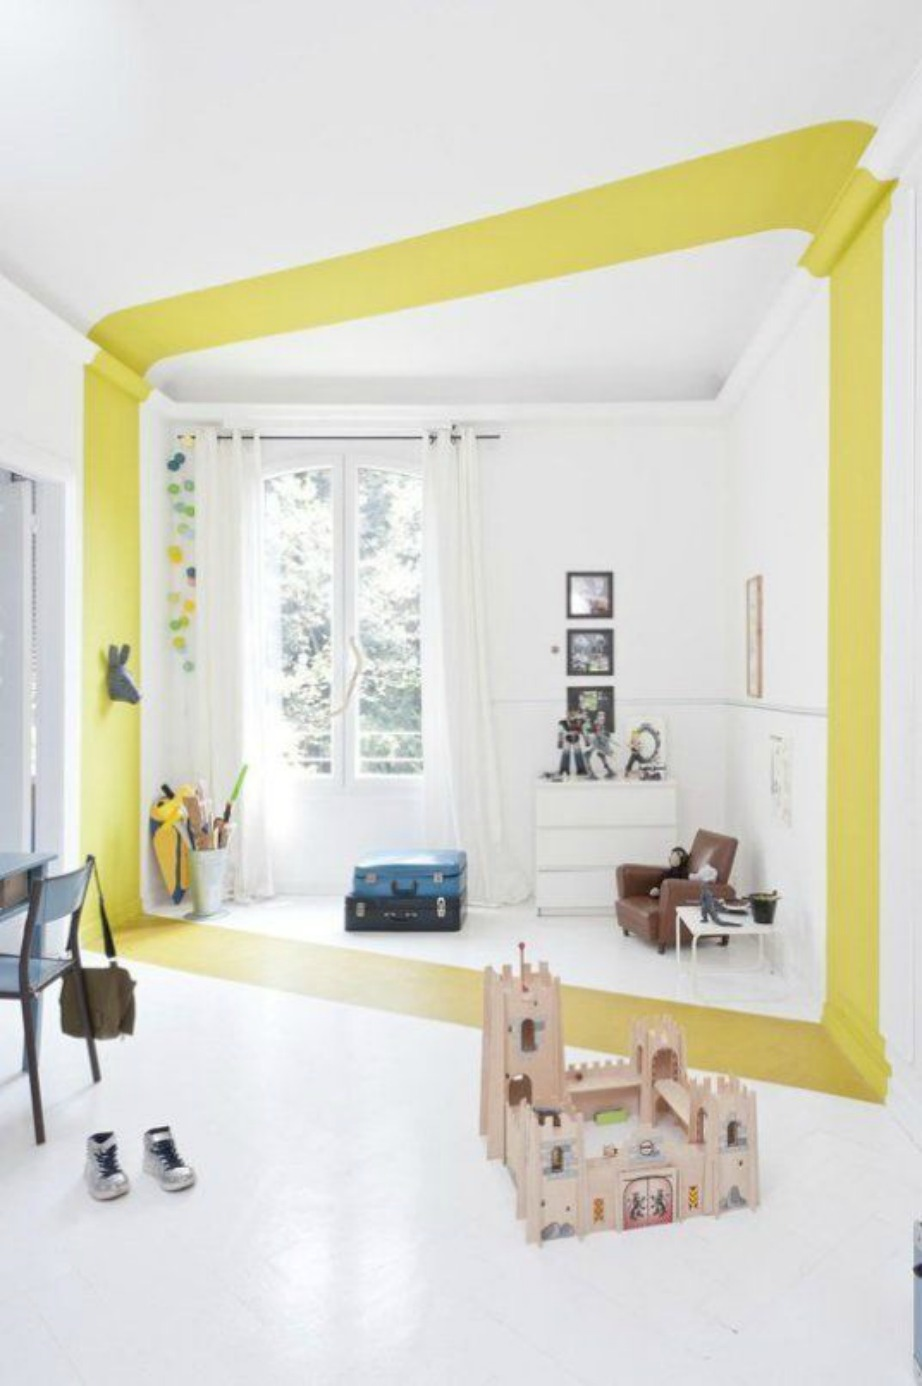 Μπορείτε να το πάτε ένα βήμα παρακάτω και η χρωματική λωρίδα να διασχίζει και το πάτωμα. Η αλλαγή θα είναι σίγουρα εντυπωσιακή.